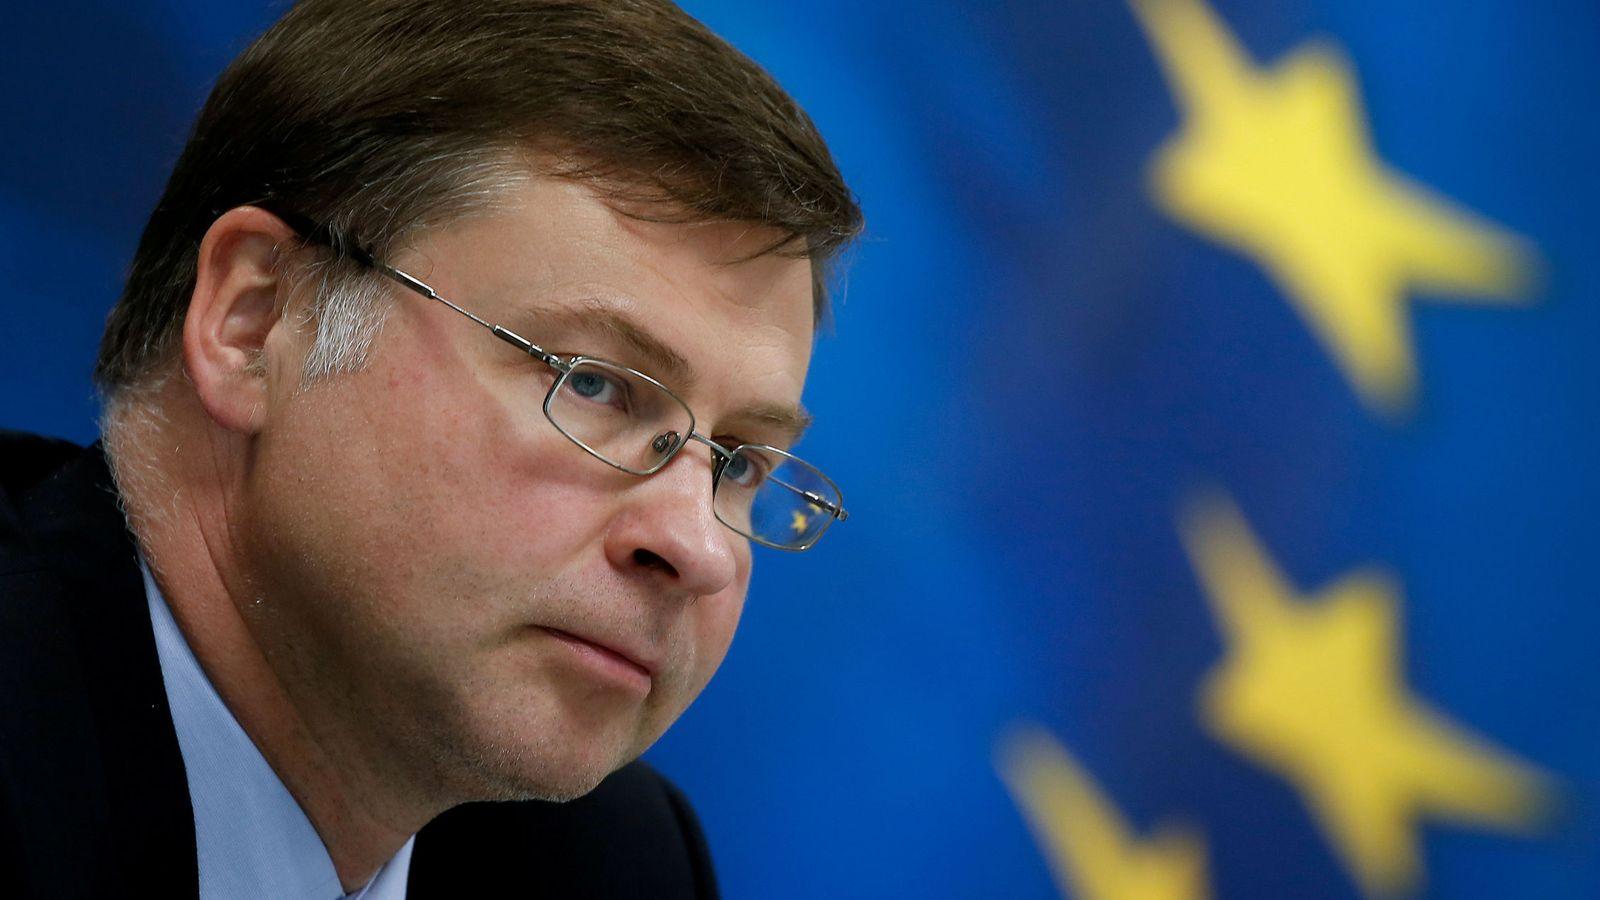 Foto: El vicepresidente de la Comisión Europea, Valdis Dombrovskis, en una foto de archivo. (Reuters)